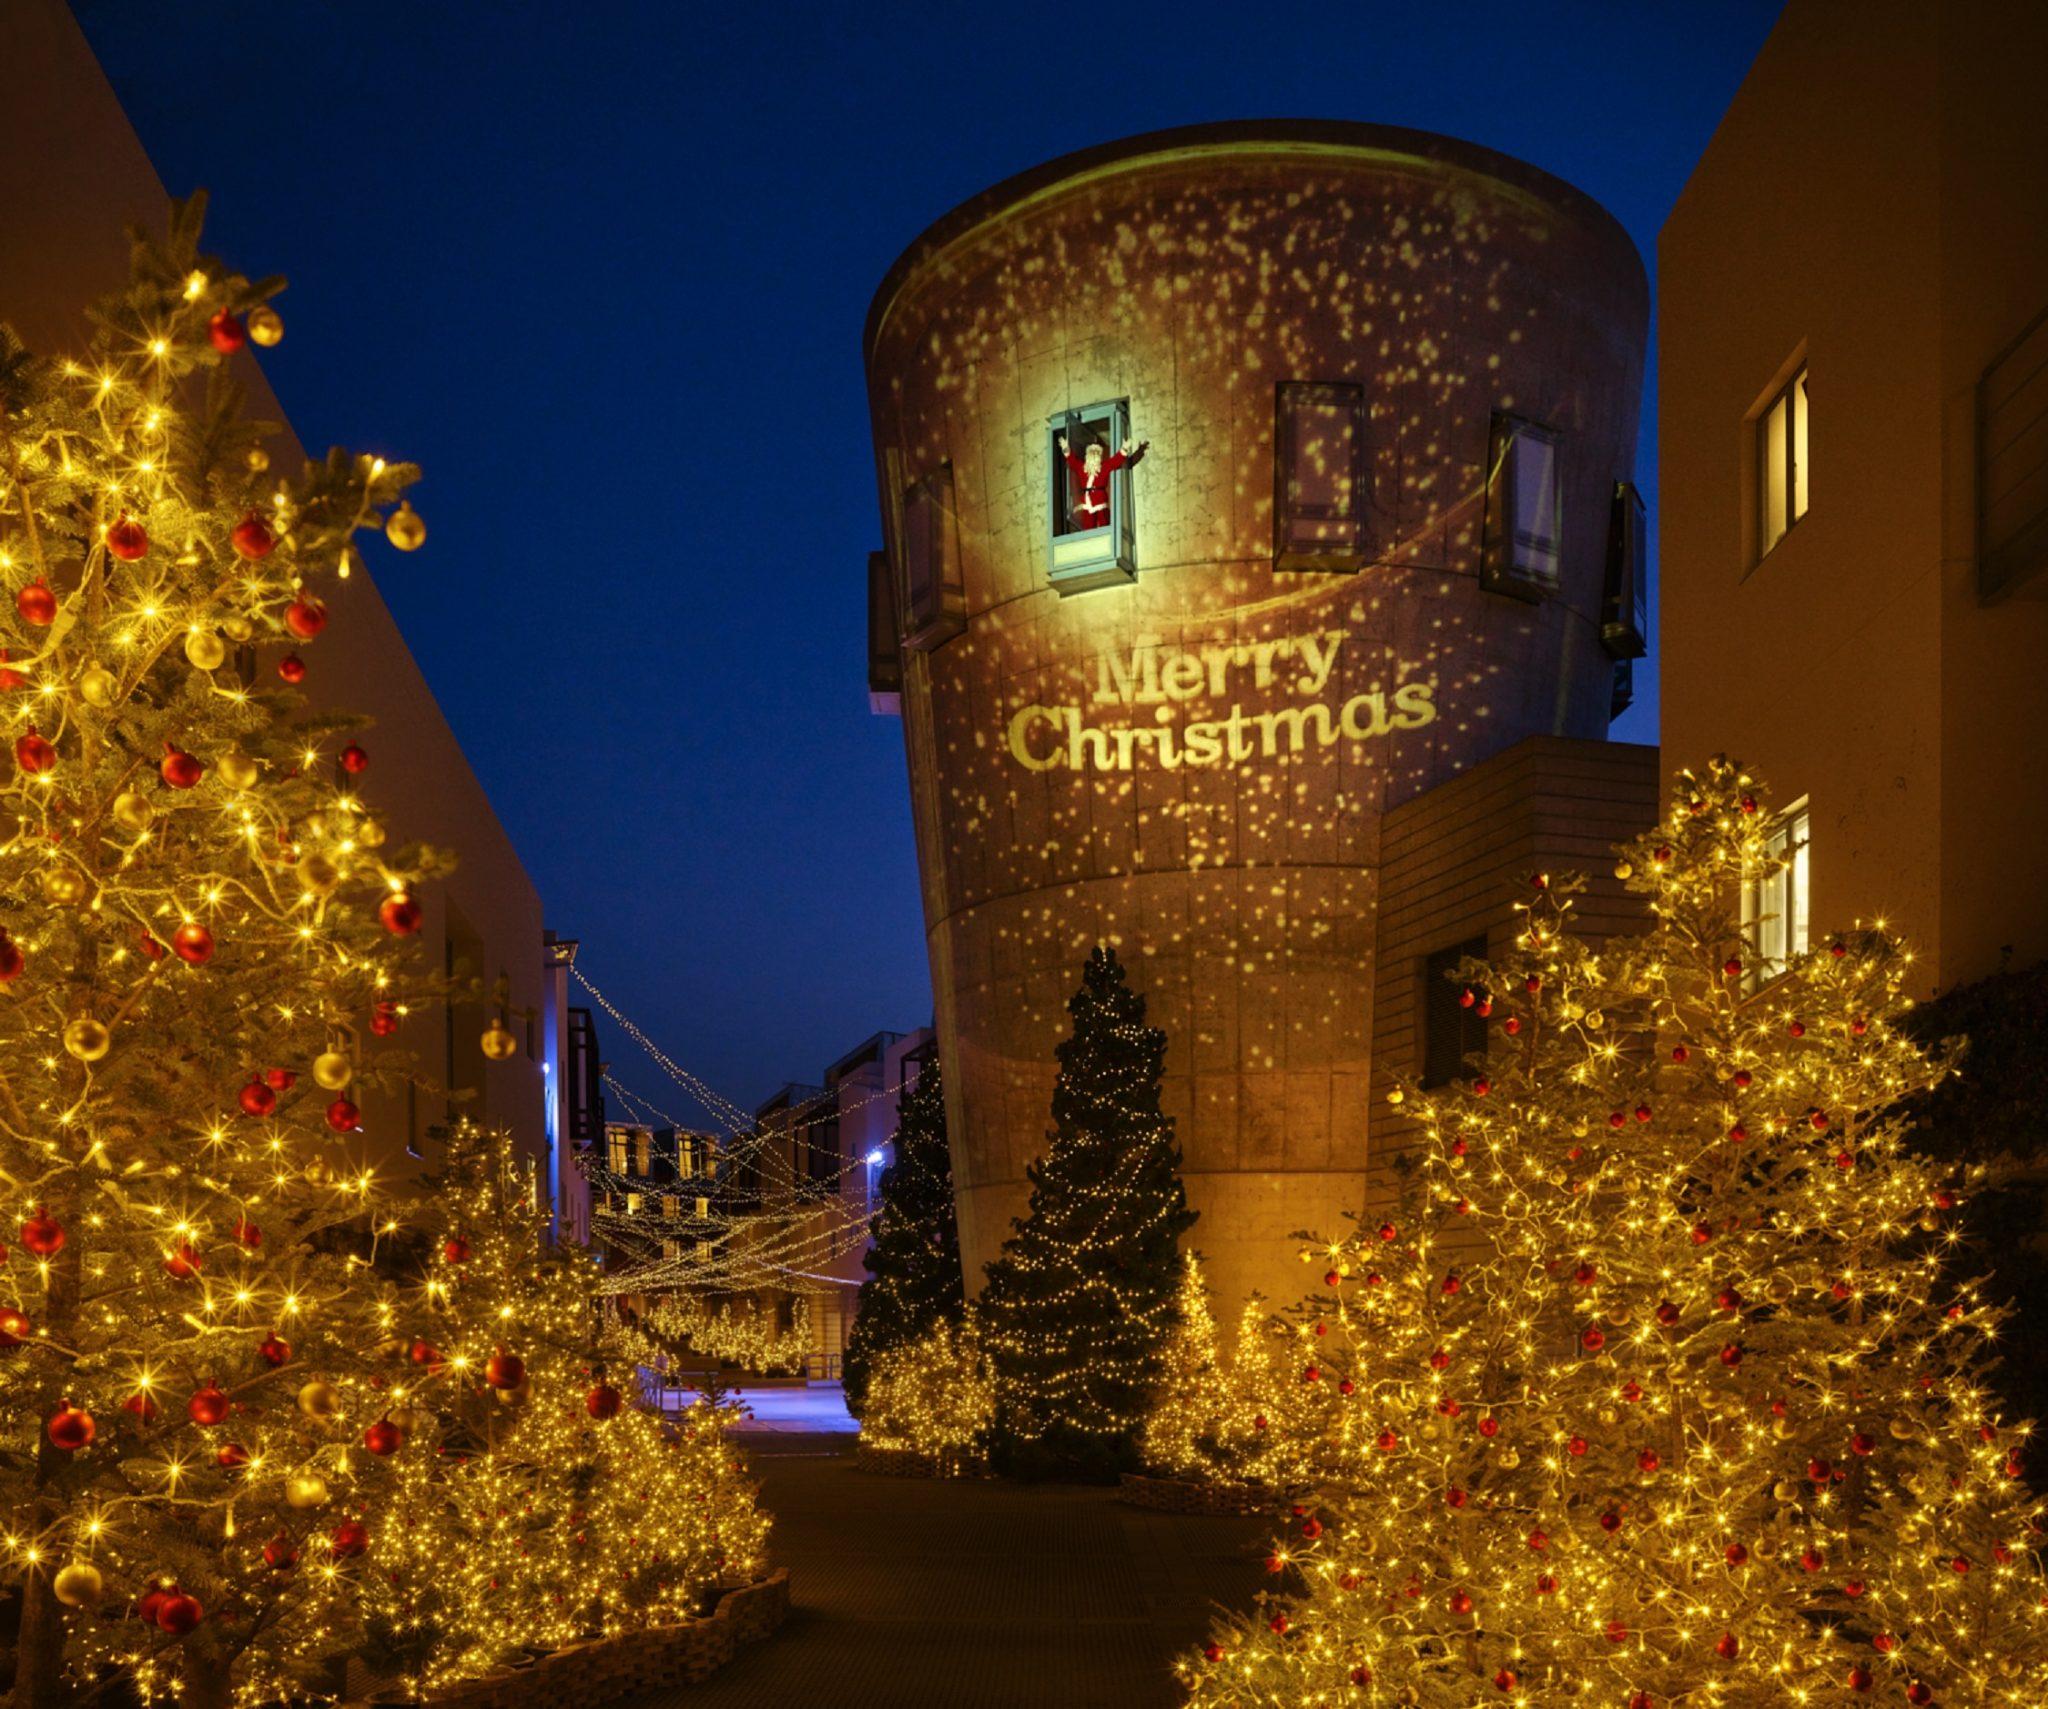 八ヶ岳クリスマスタウン 北杜市 イルミネーション イベント 1